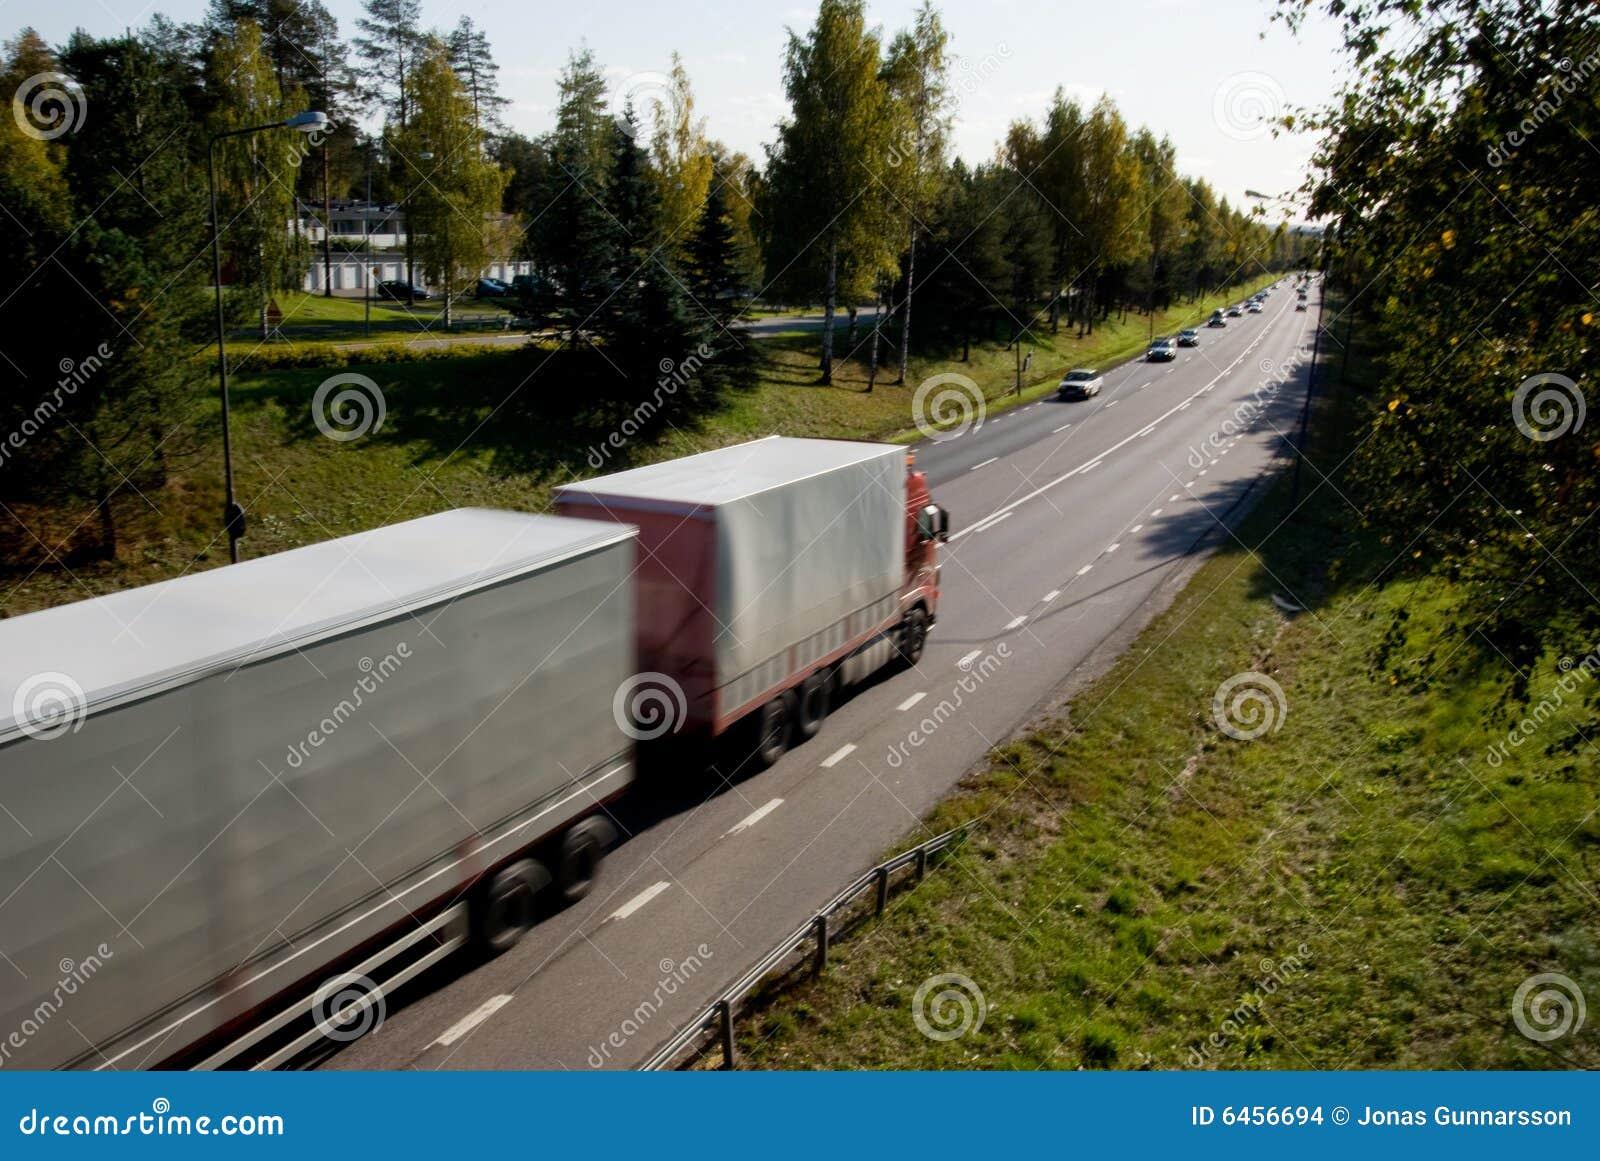 Lastbil i rörelse